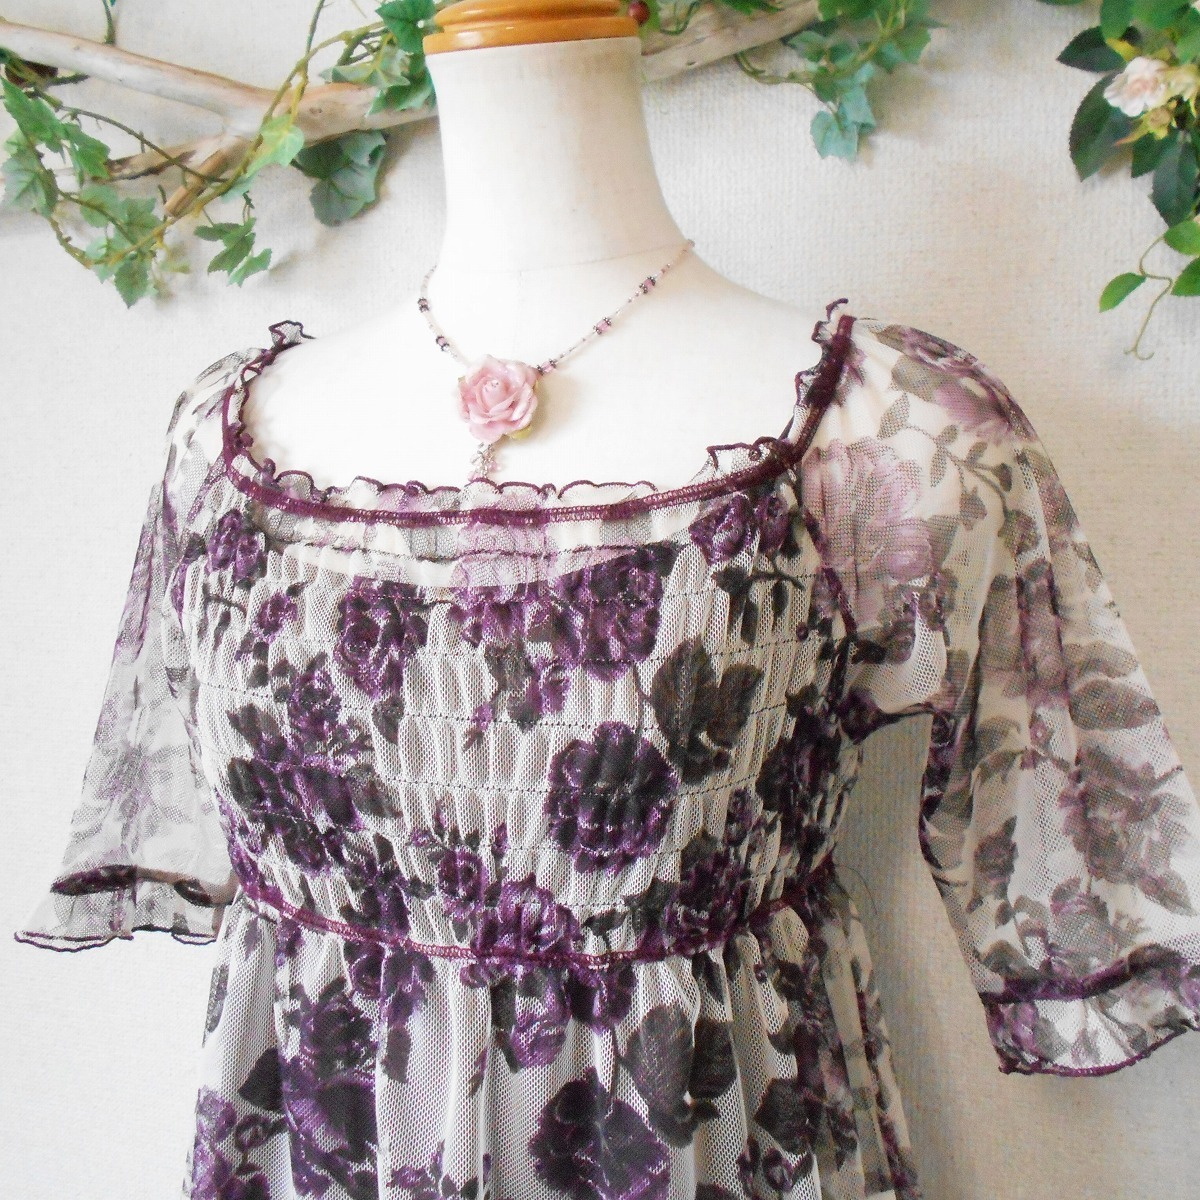 レストローズ LEST ROSE 総 チュール 使用 花柄 の 可愛い 5分袖 カットソー ブラウス 日本製 M キャミ付き_画像3